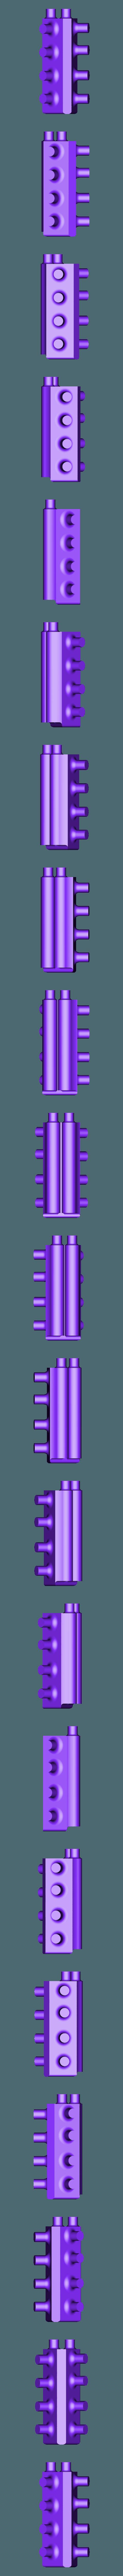 Cults Manifold.stl Télécharger fichier STL gratuit Twin Turbo Inlet Manifold 1/24 • Plan imprimable en 3D, jaxi666